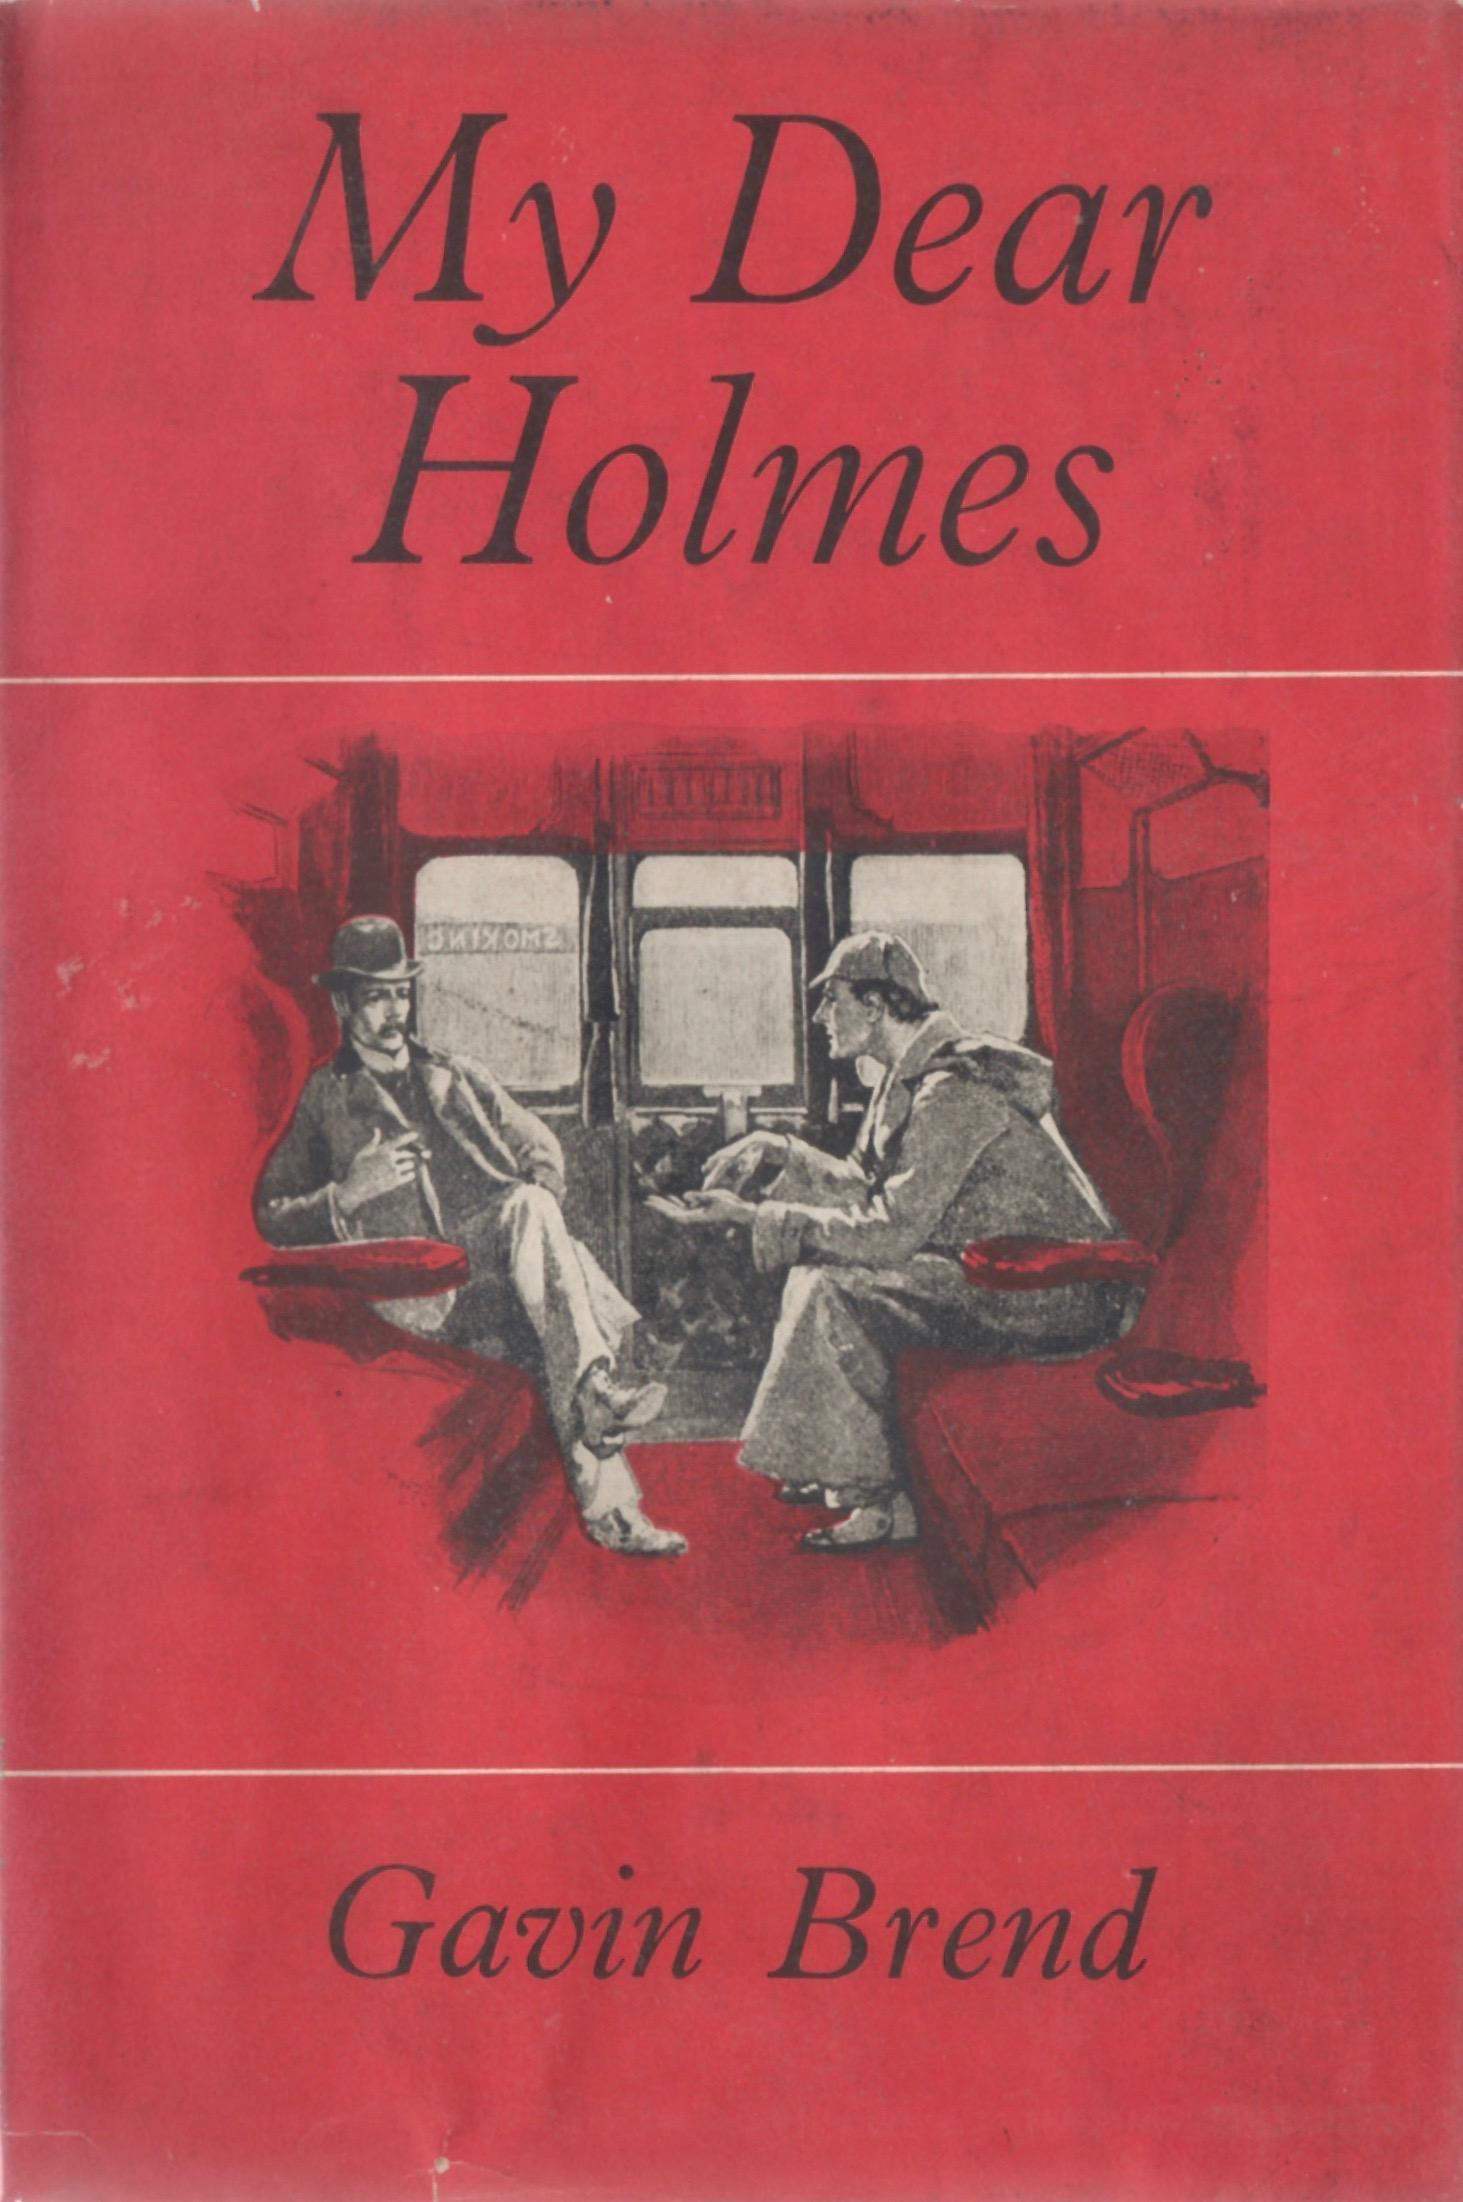 My Dear Holmes Baker Street By-Ways.jpeg